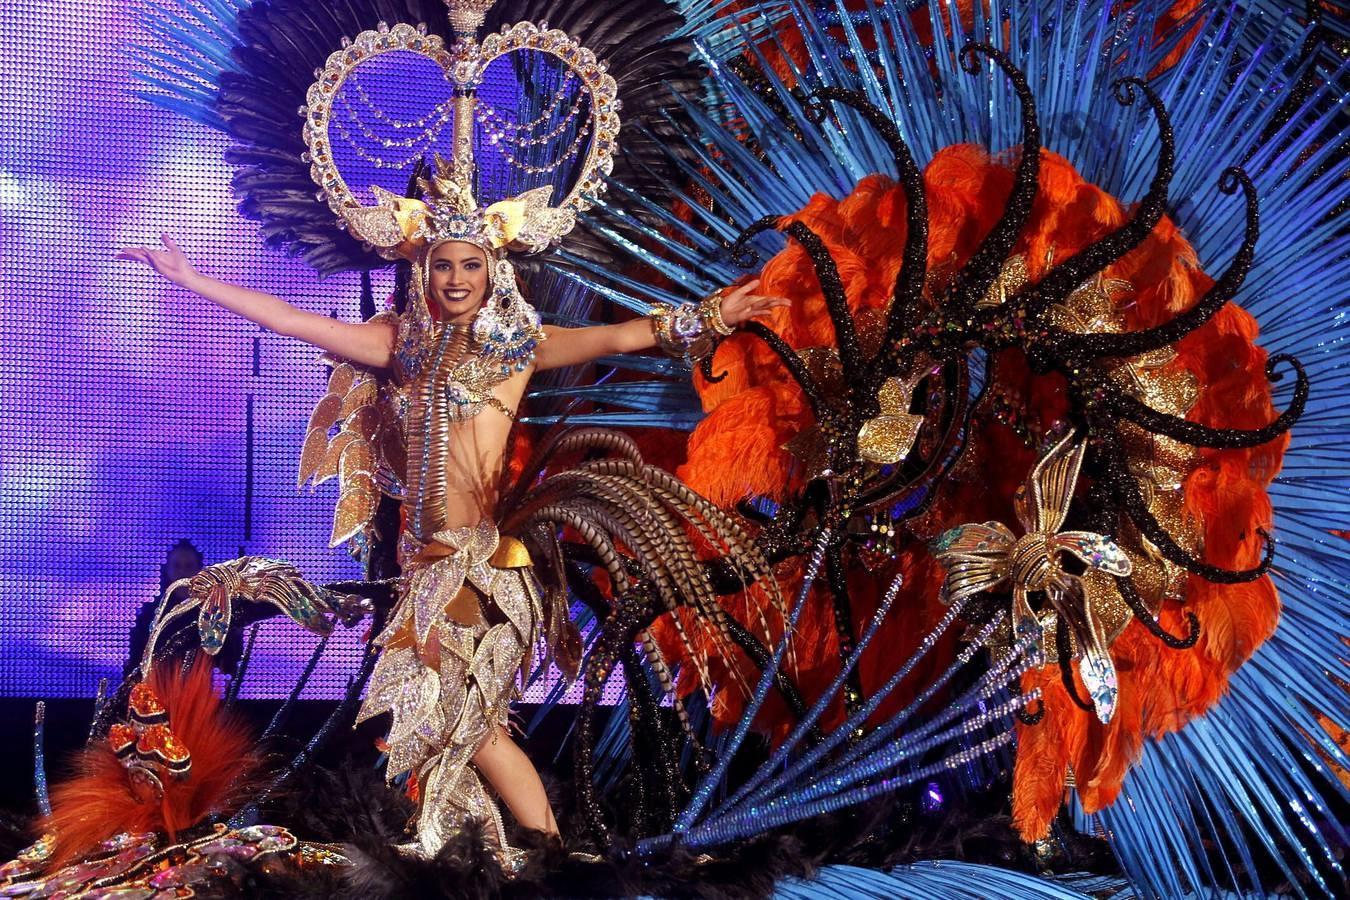 """GRA457. SANTA CRUZ DE TENERIFE, 27/02/2014.- La candidata Amanda Perdomo San Juan, con la fantasía """"Poderosa Amazona"""", durante la gala de elección de la Reina del Carnaval 2014 que se celebra esta noche en Santa Cruz de Tenerife. EFE/Cristóbal García."""